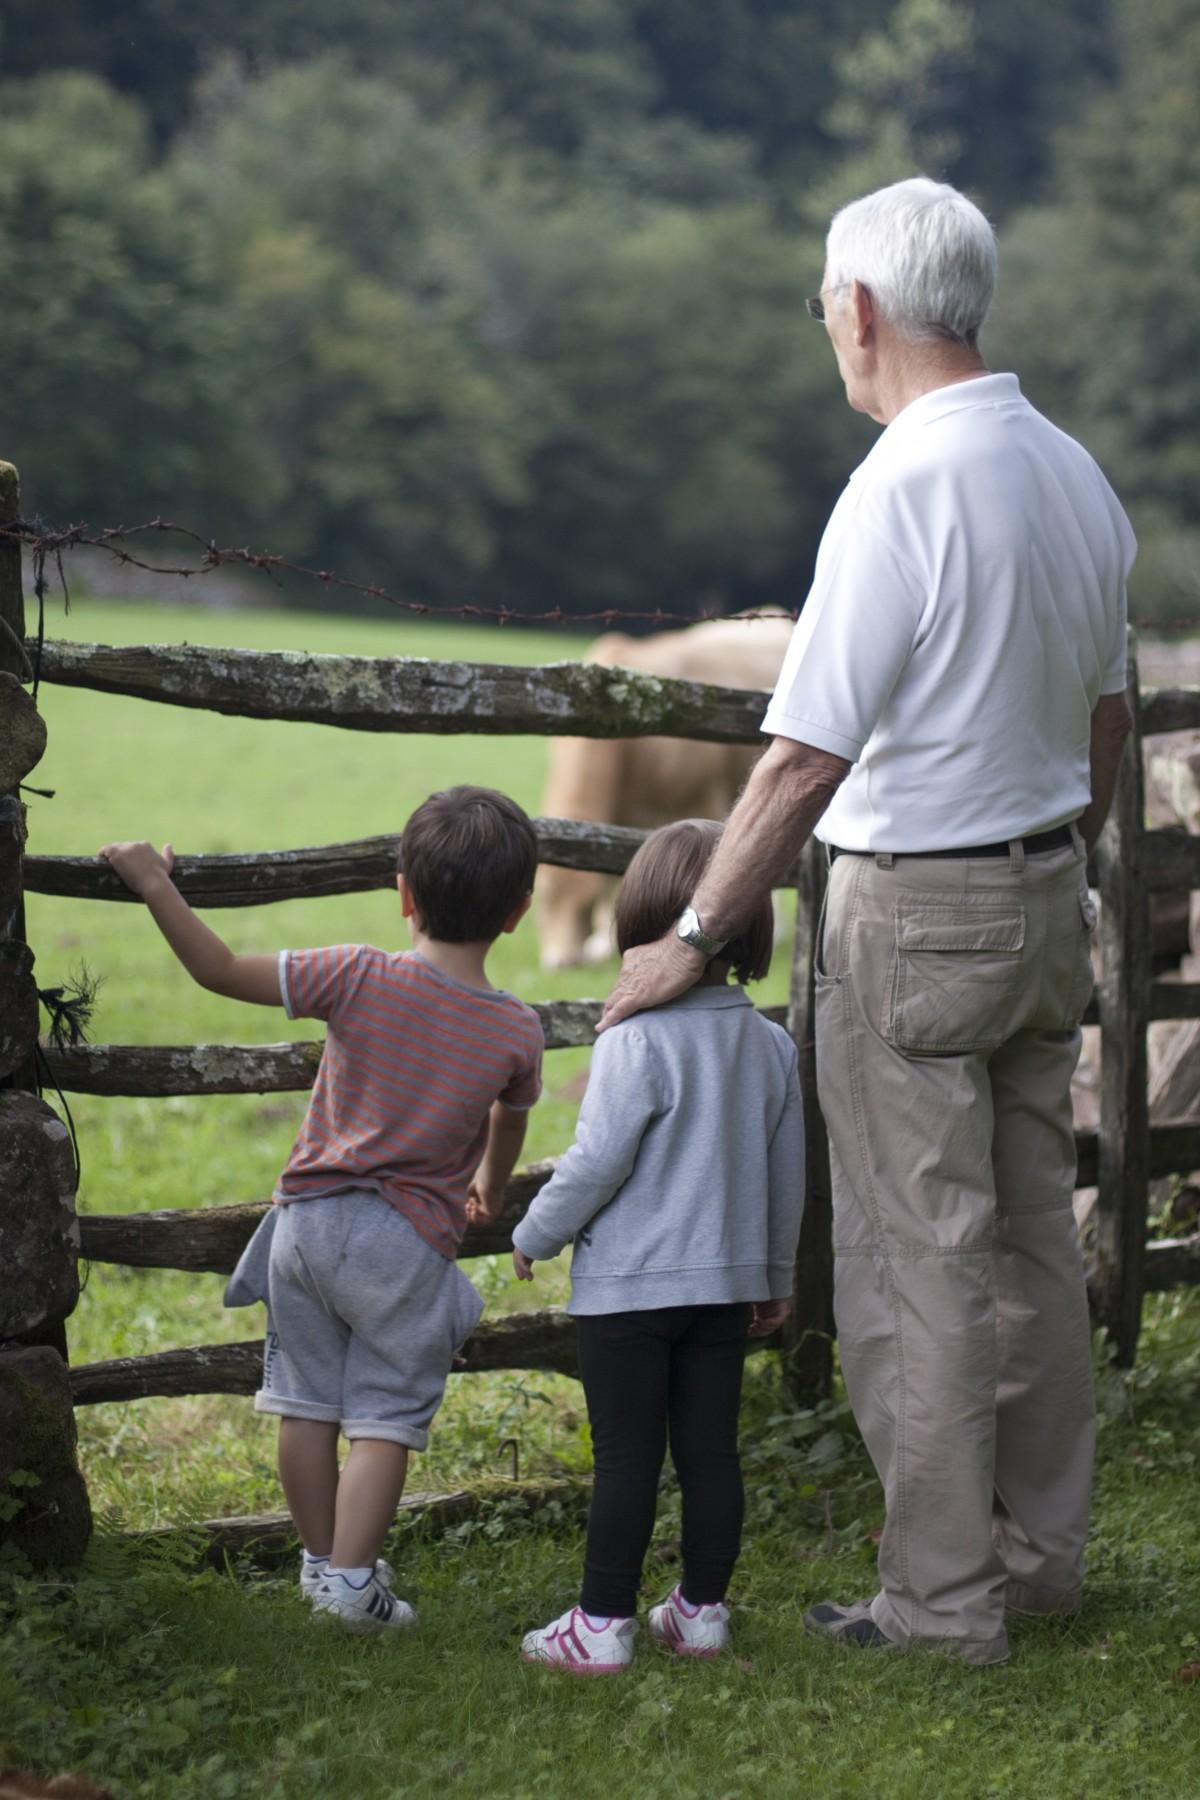 Abuelo y nietos. Foto. Ppxhere.com.